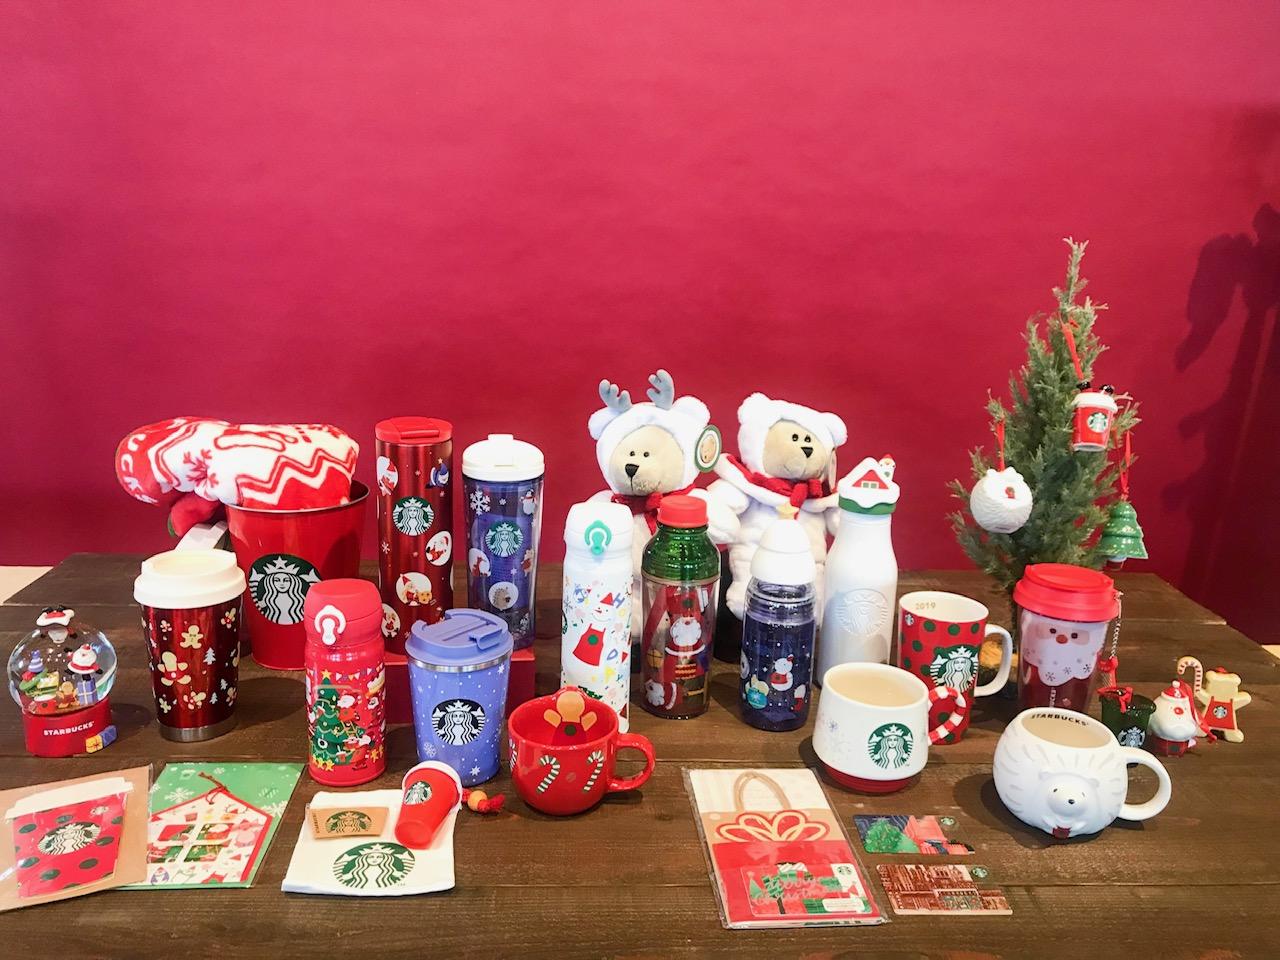 【2019年クリスマスデートスポット特集】- カップルで楽しめるイルミネーションスポットやテーマパークなどの限定グルメ情報まとめ_30